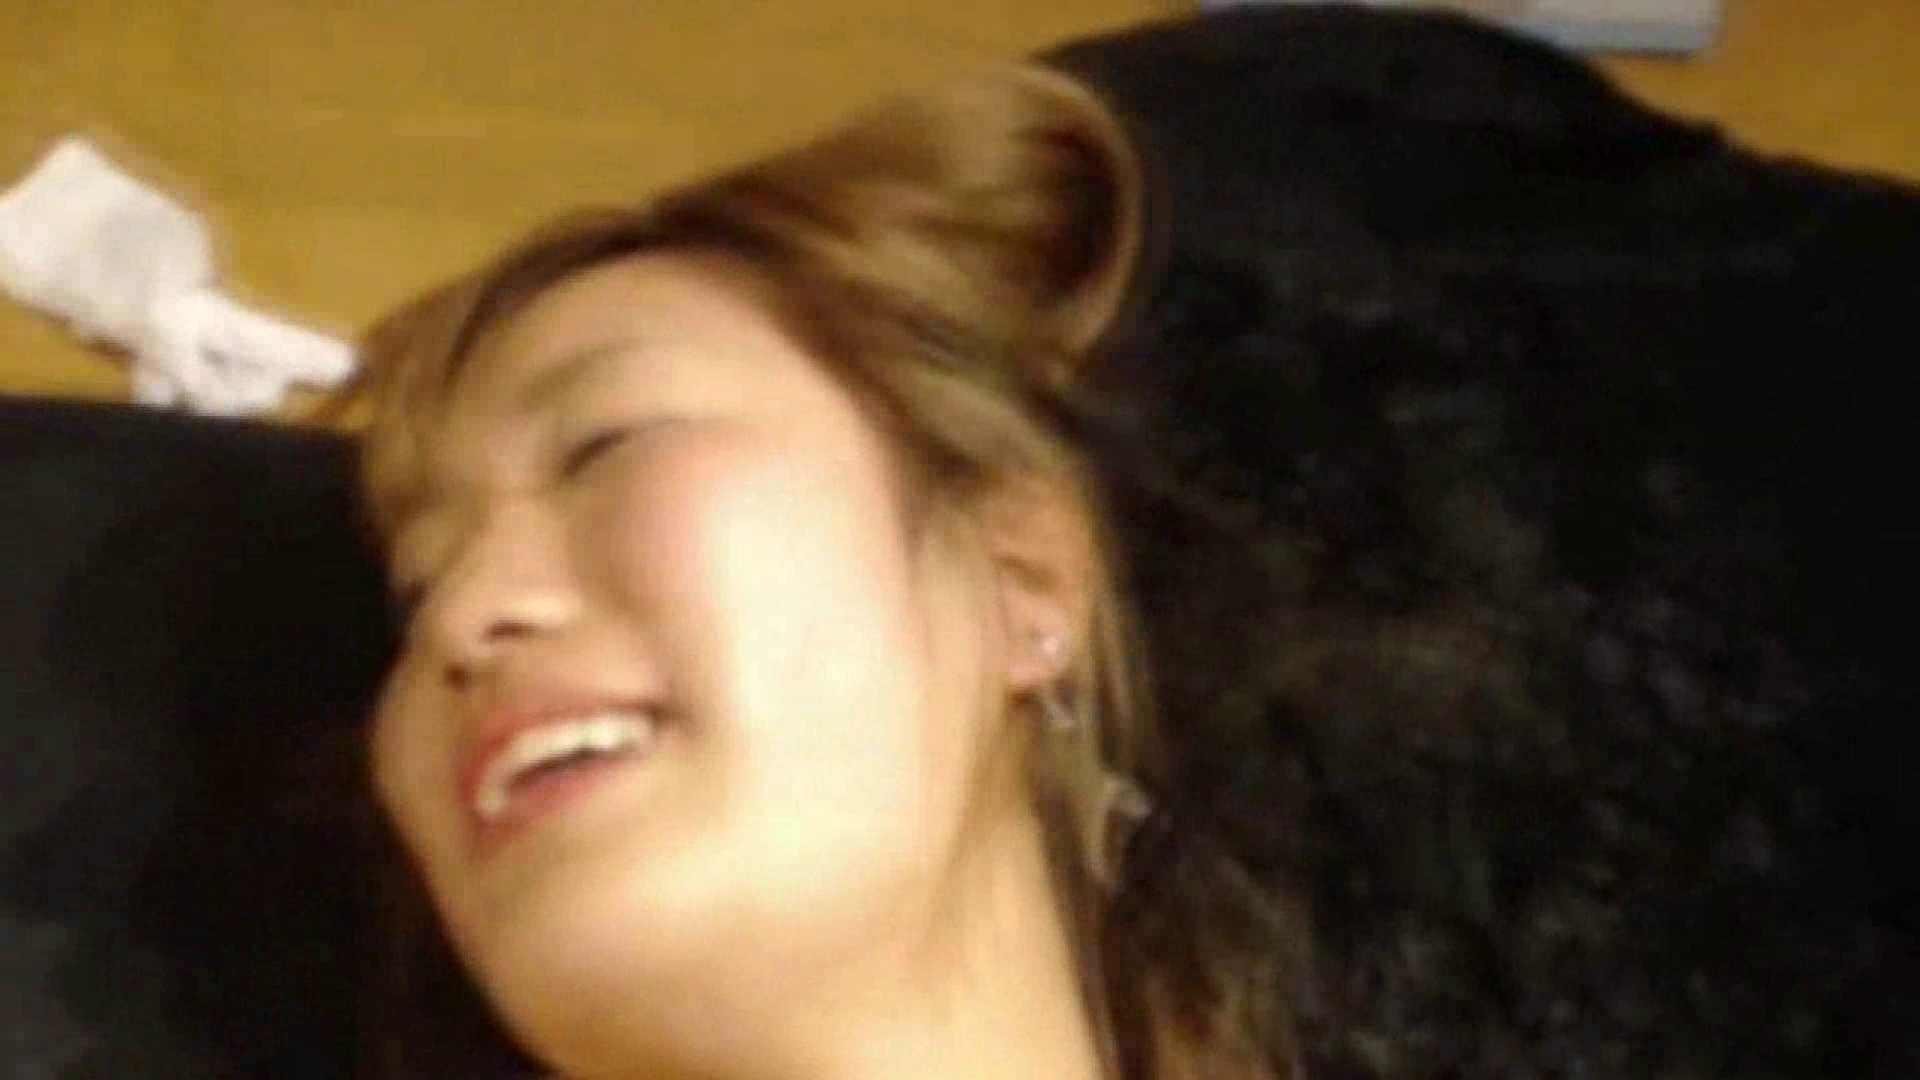 素人ギャル女良のハメ撮り!生チャット!Vol.13後編 ギャル セックス画像 102pic 98